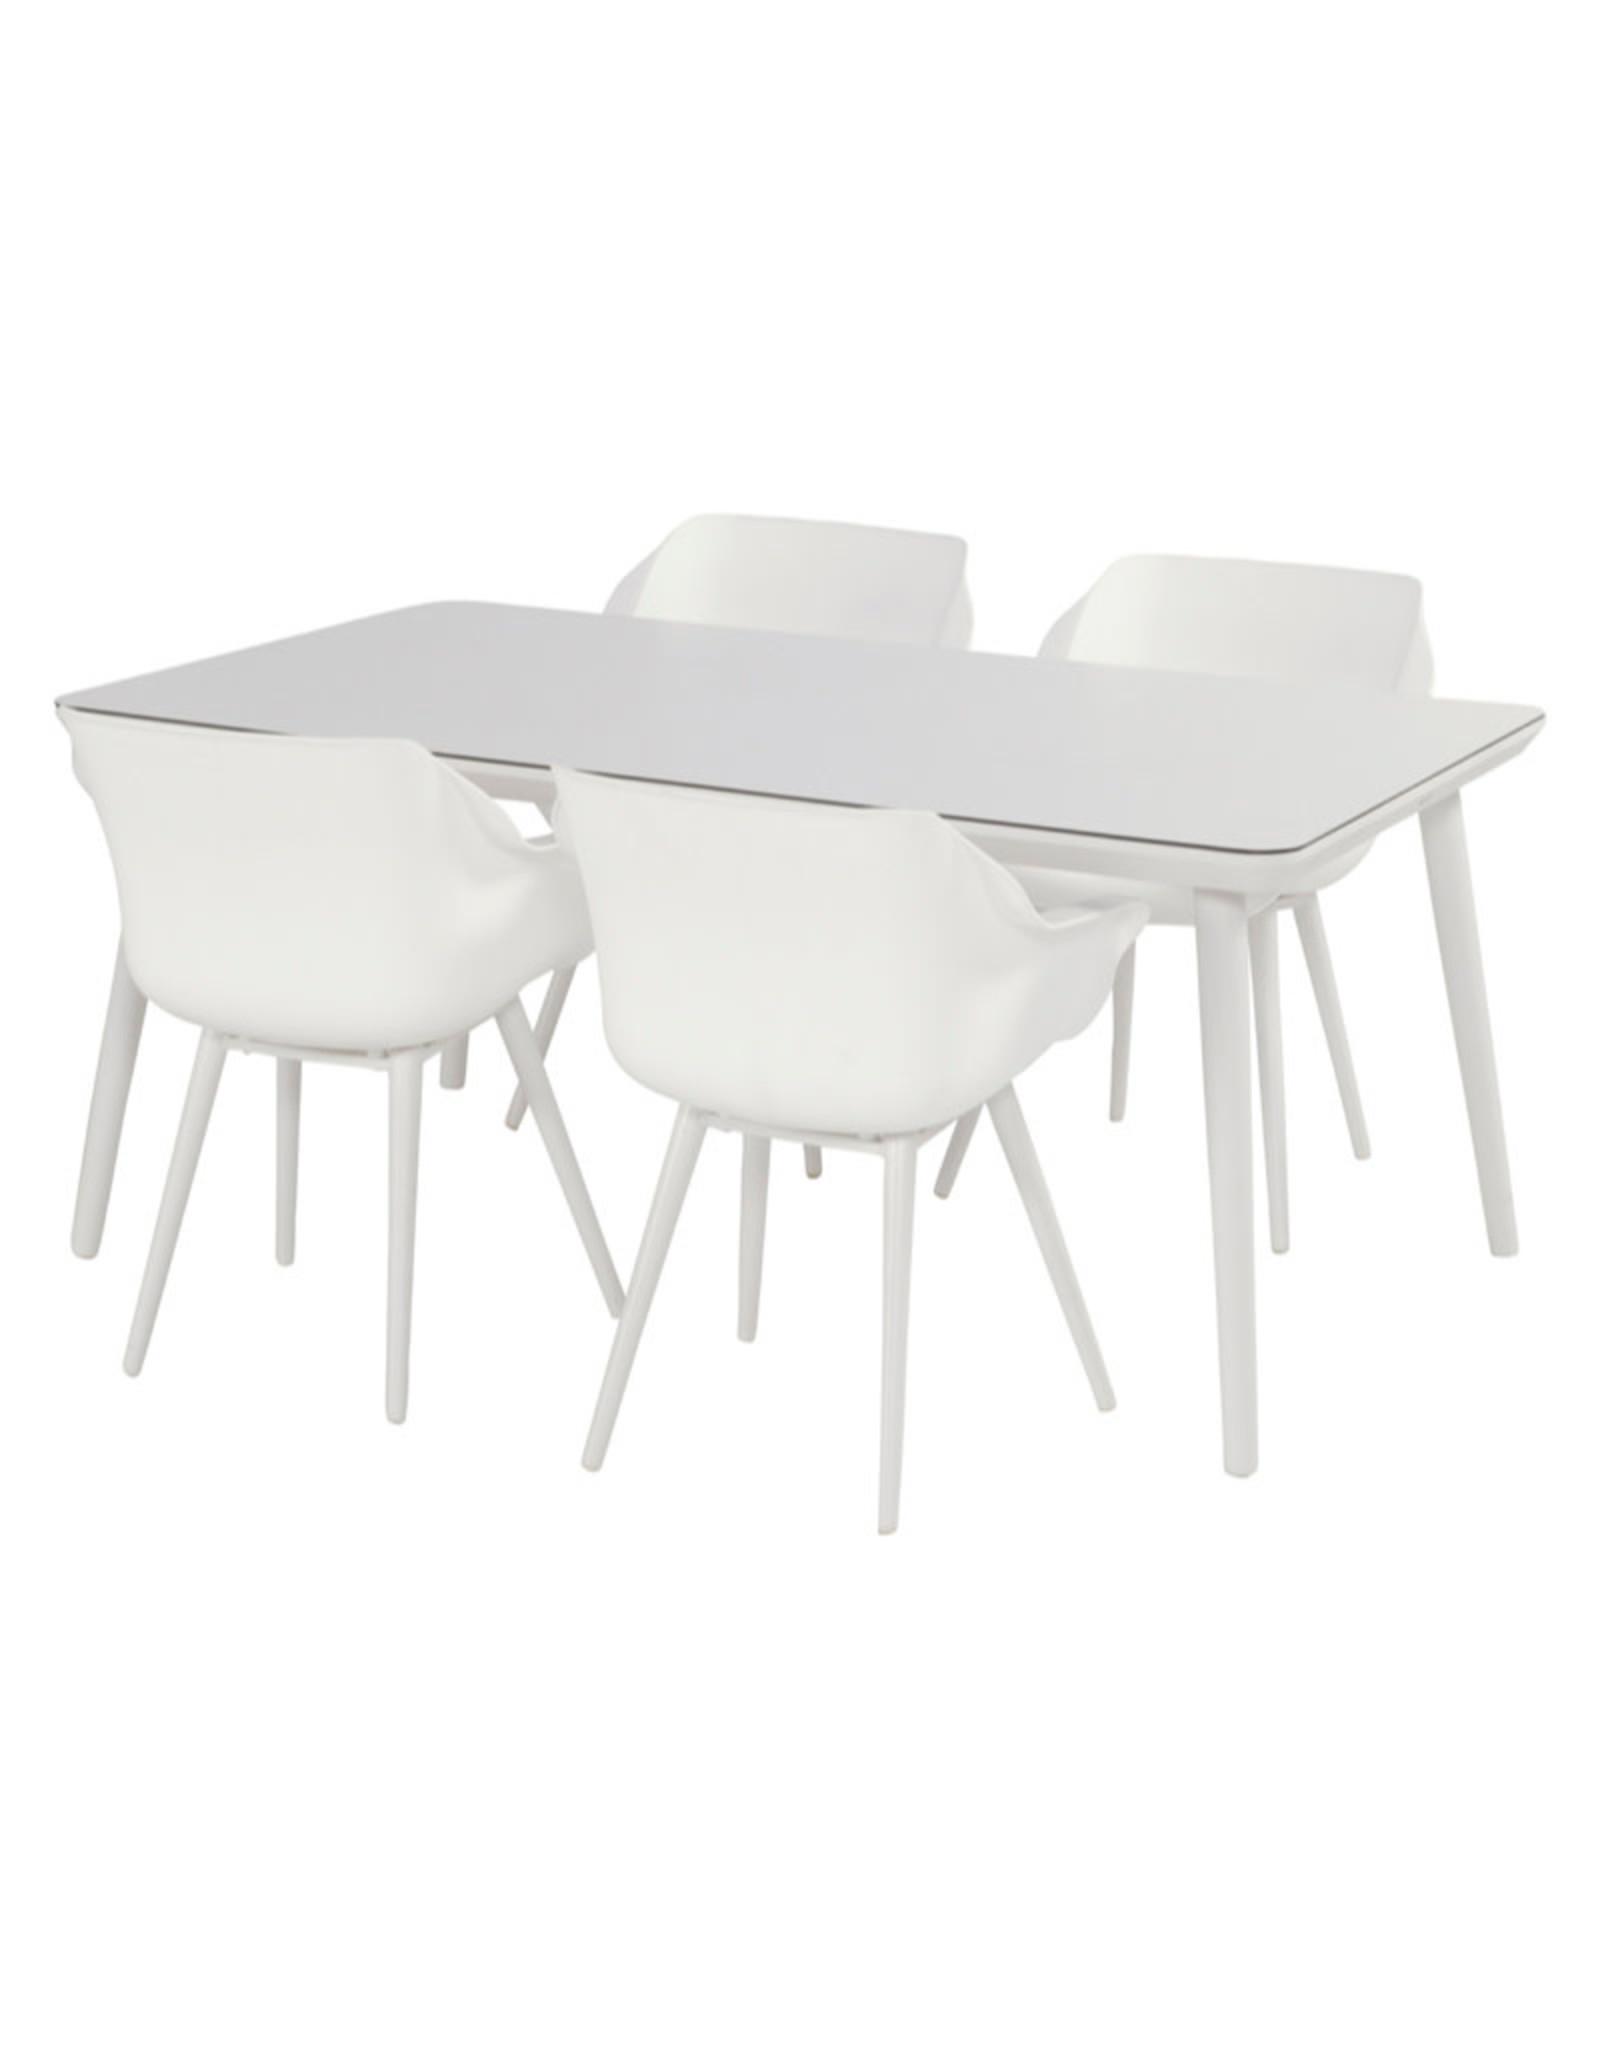 Hartman Hartman Sophie Studio HPL Table 170x100cm